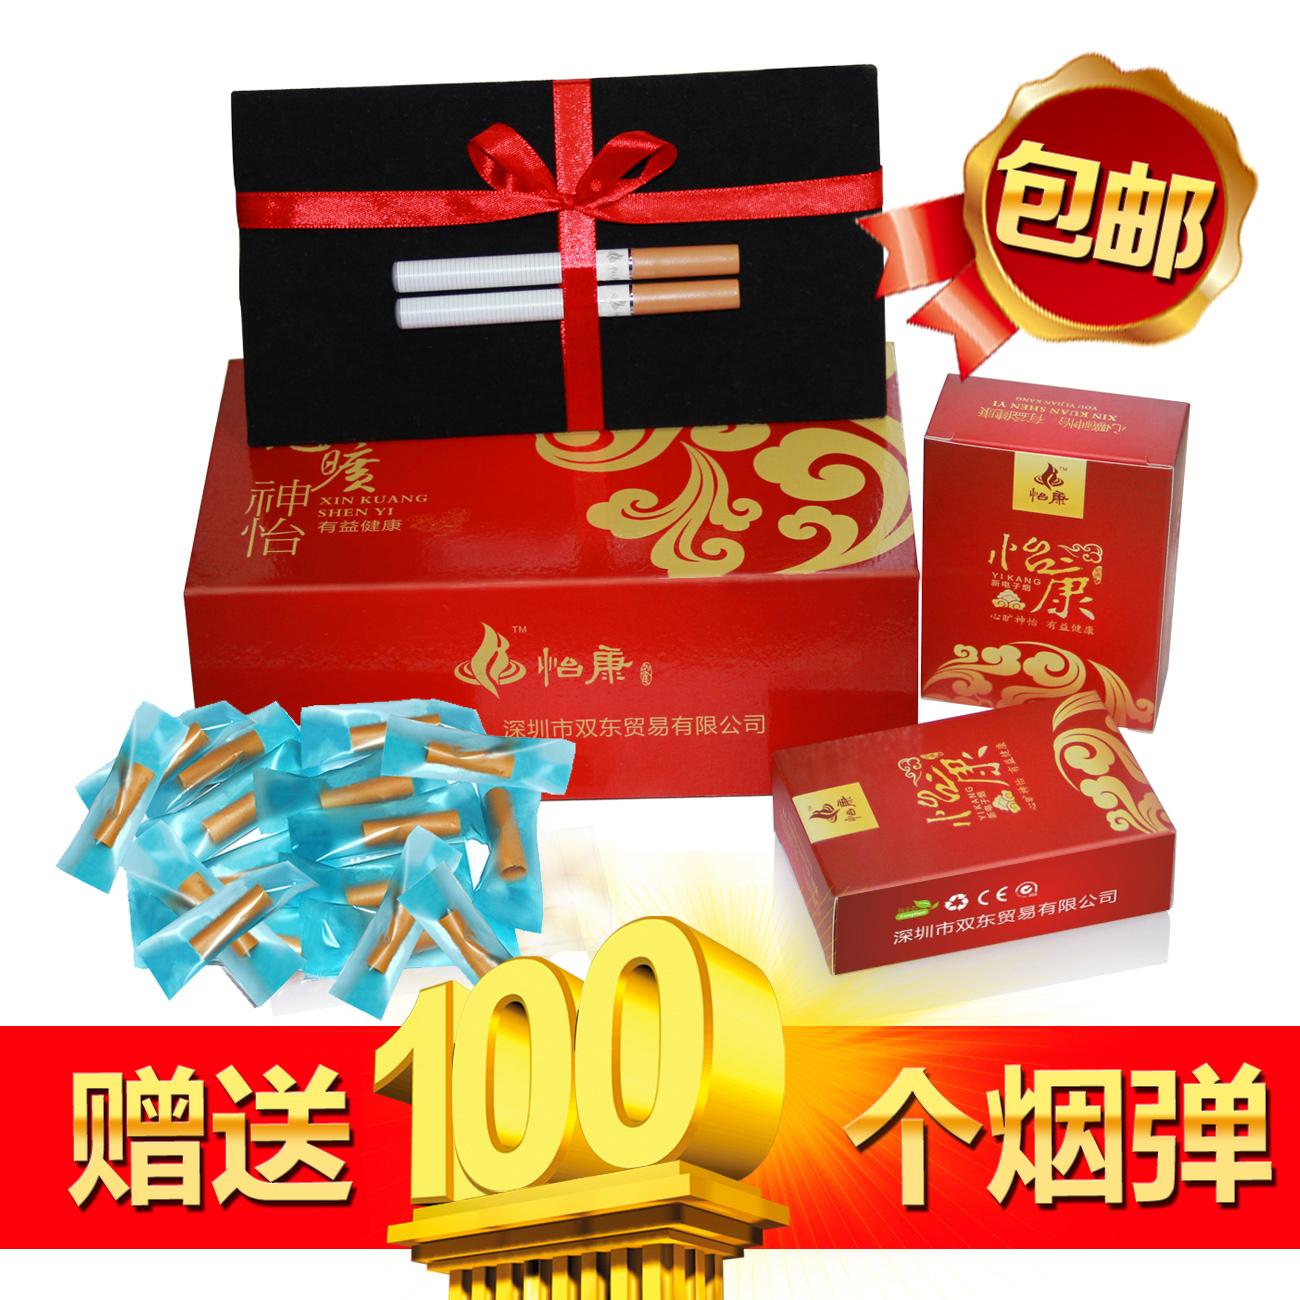 包邮送100烟弹 怡康双杆健康戒烟产品电子烟最正品有效的真味清肺